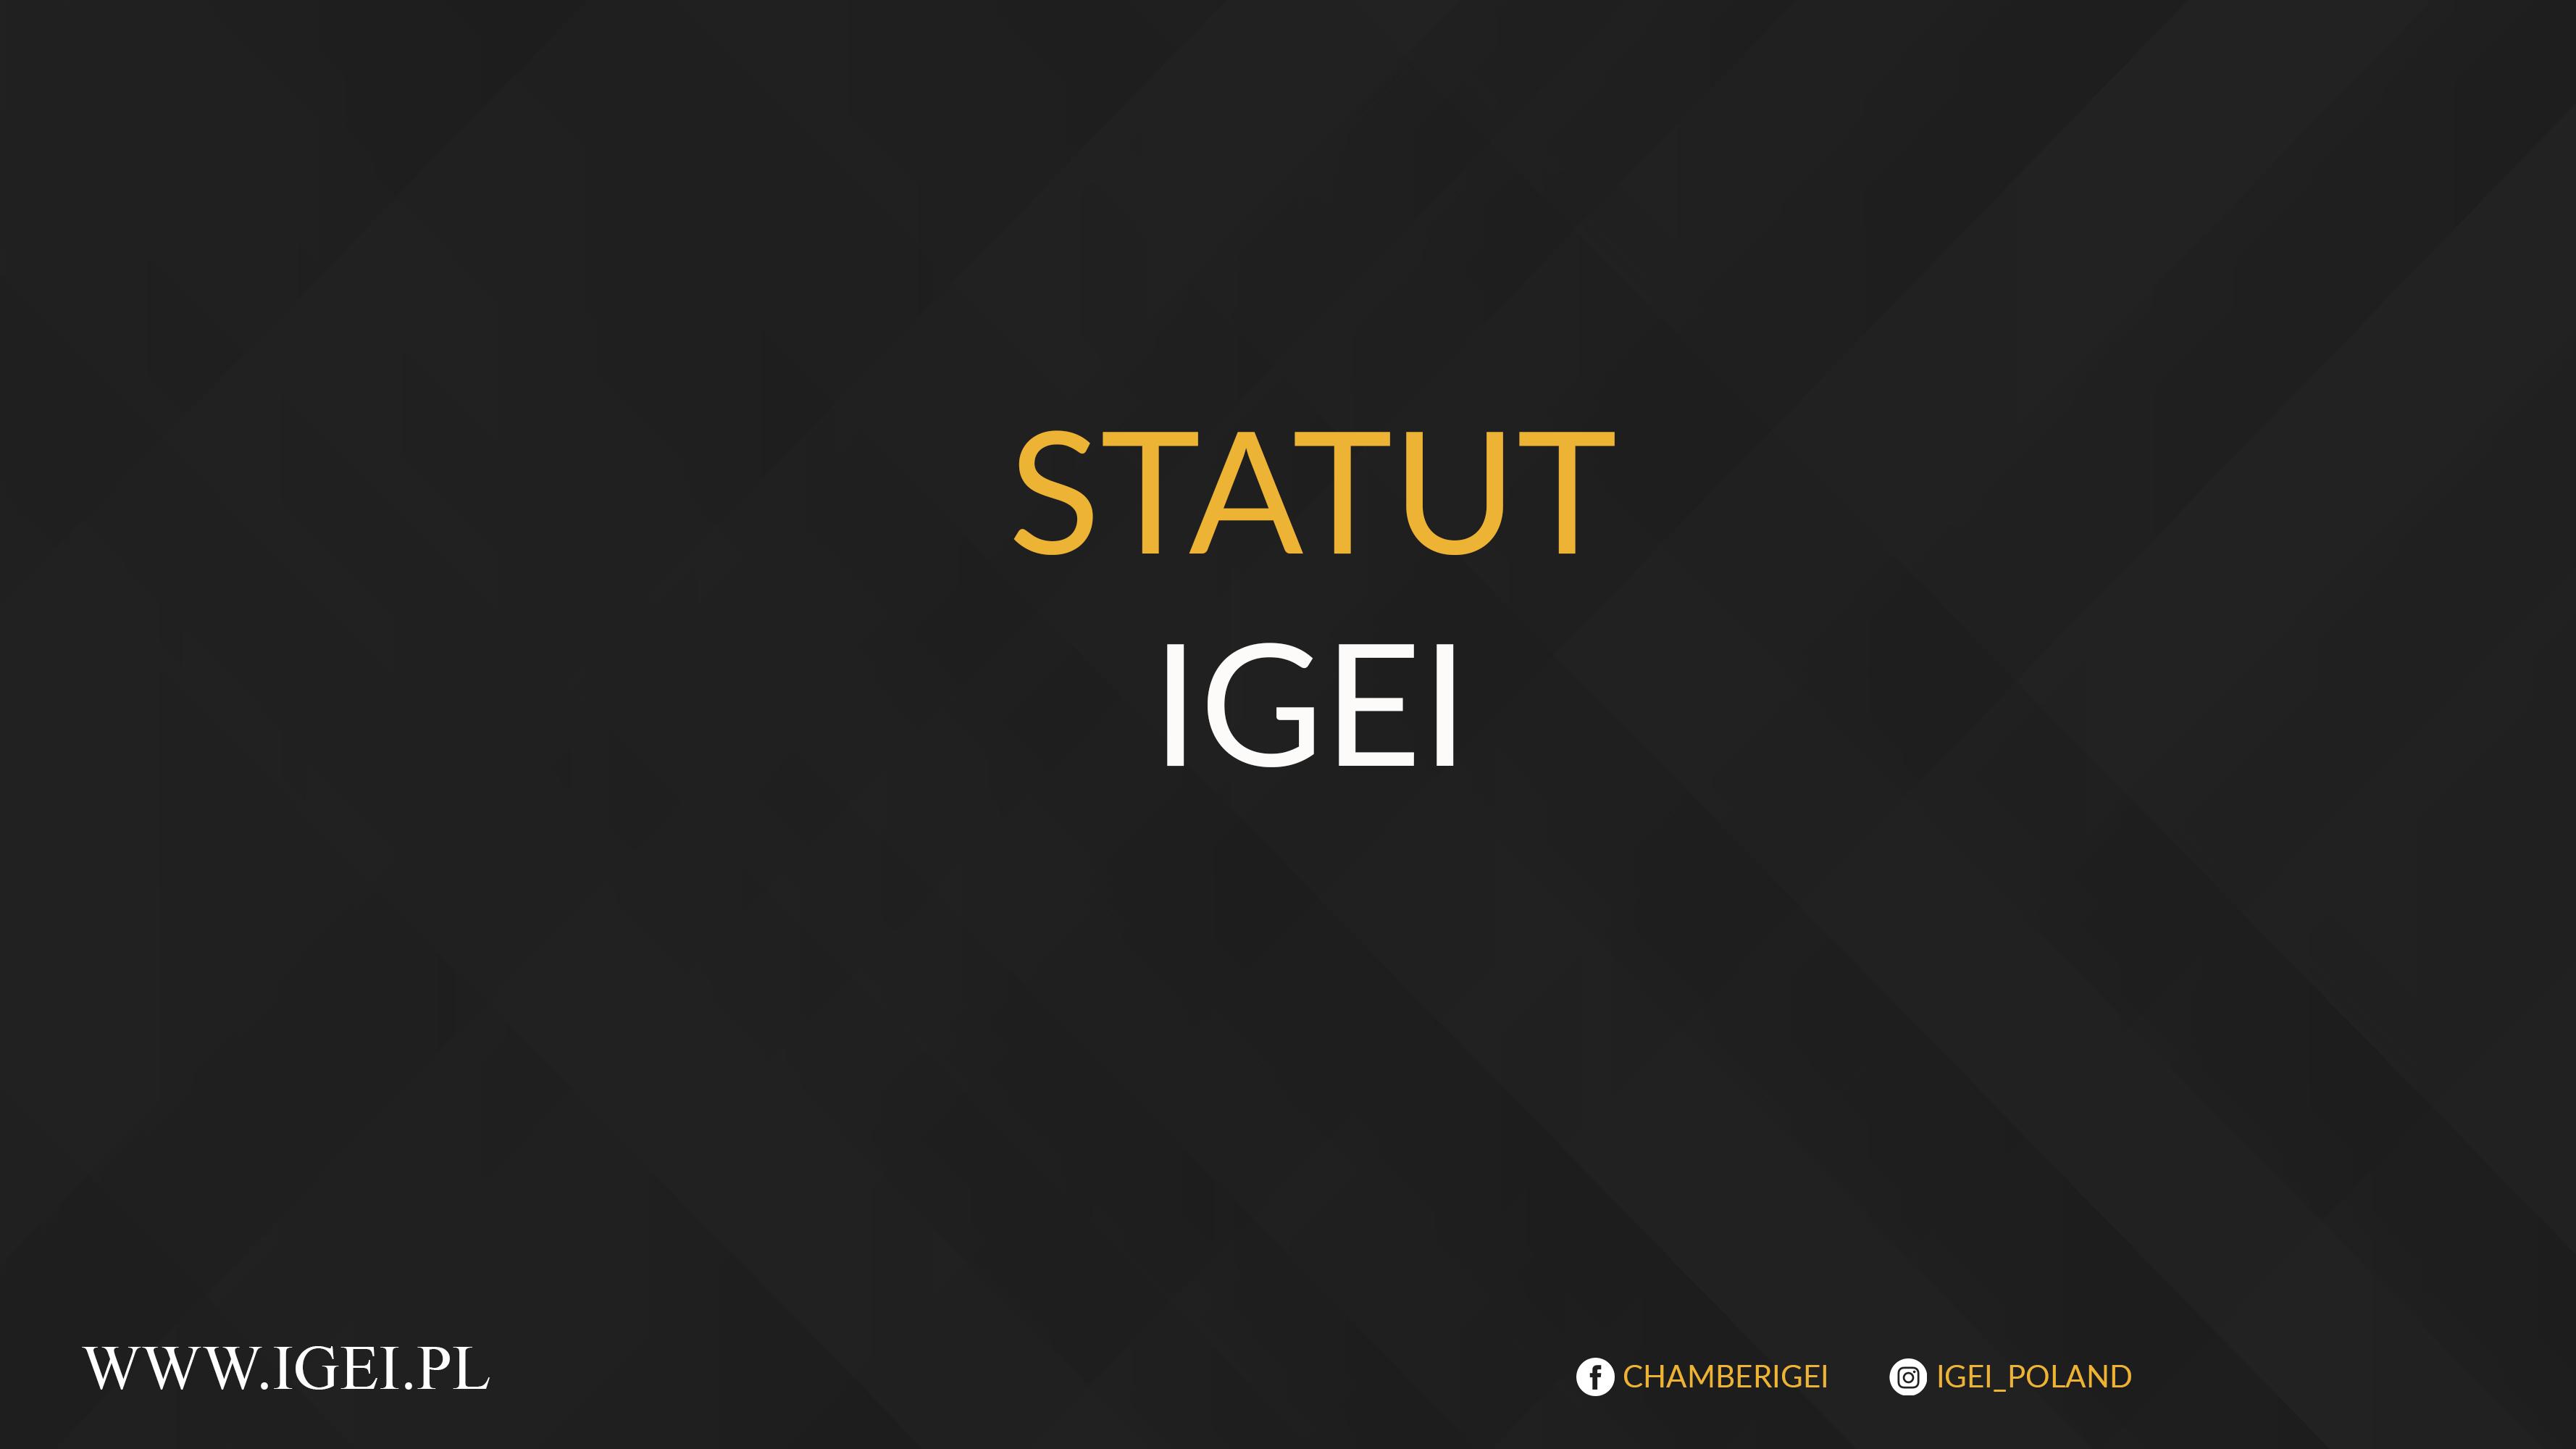 Statut Igei po zmianach z 17.03.2021r.